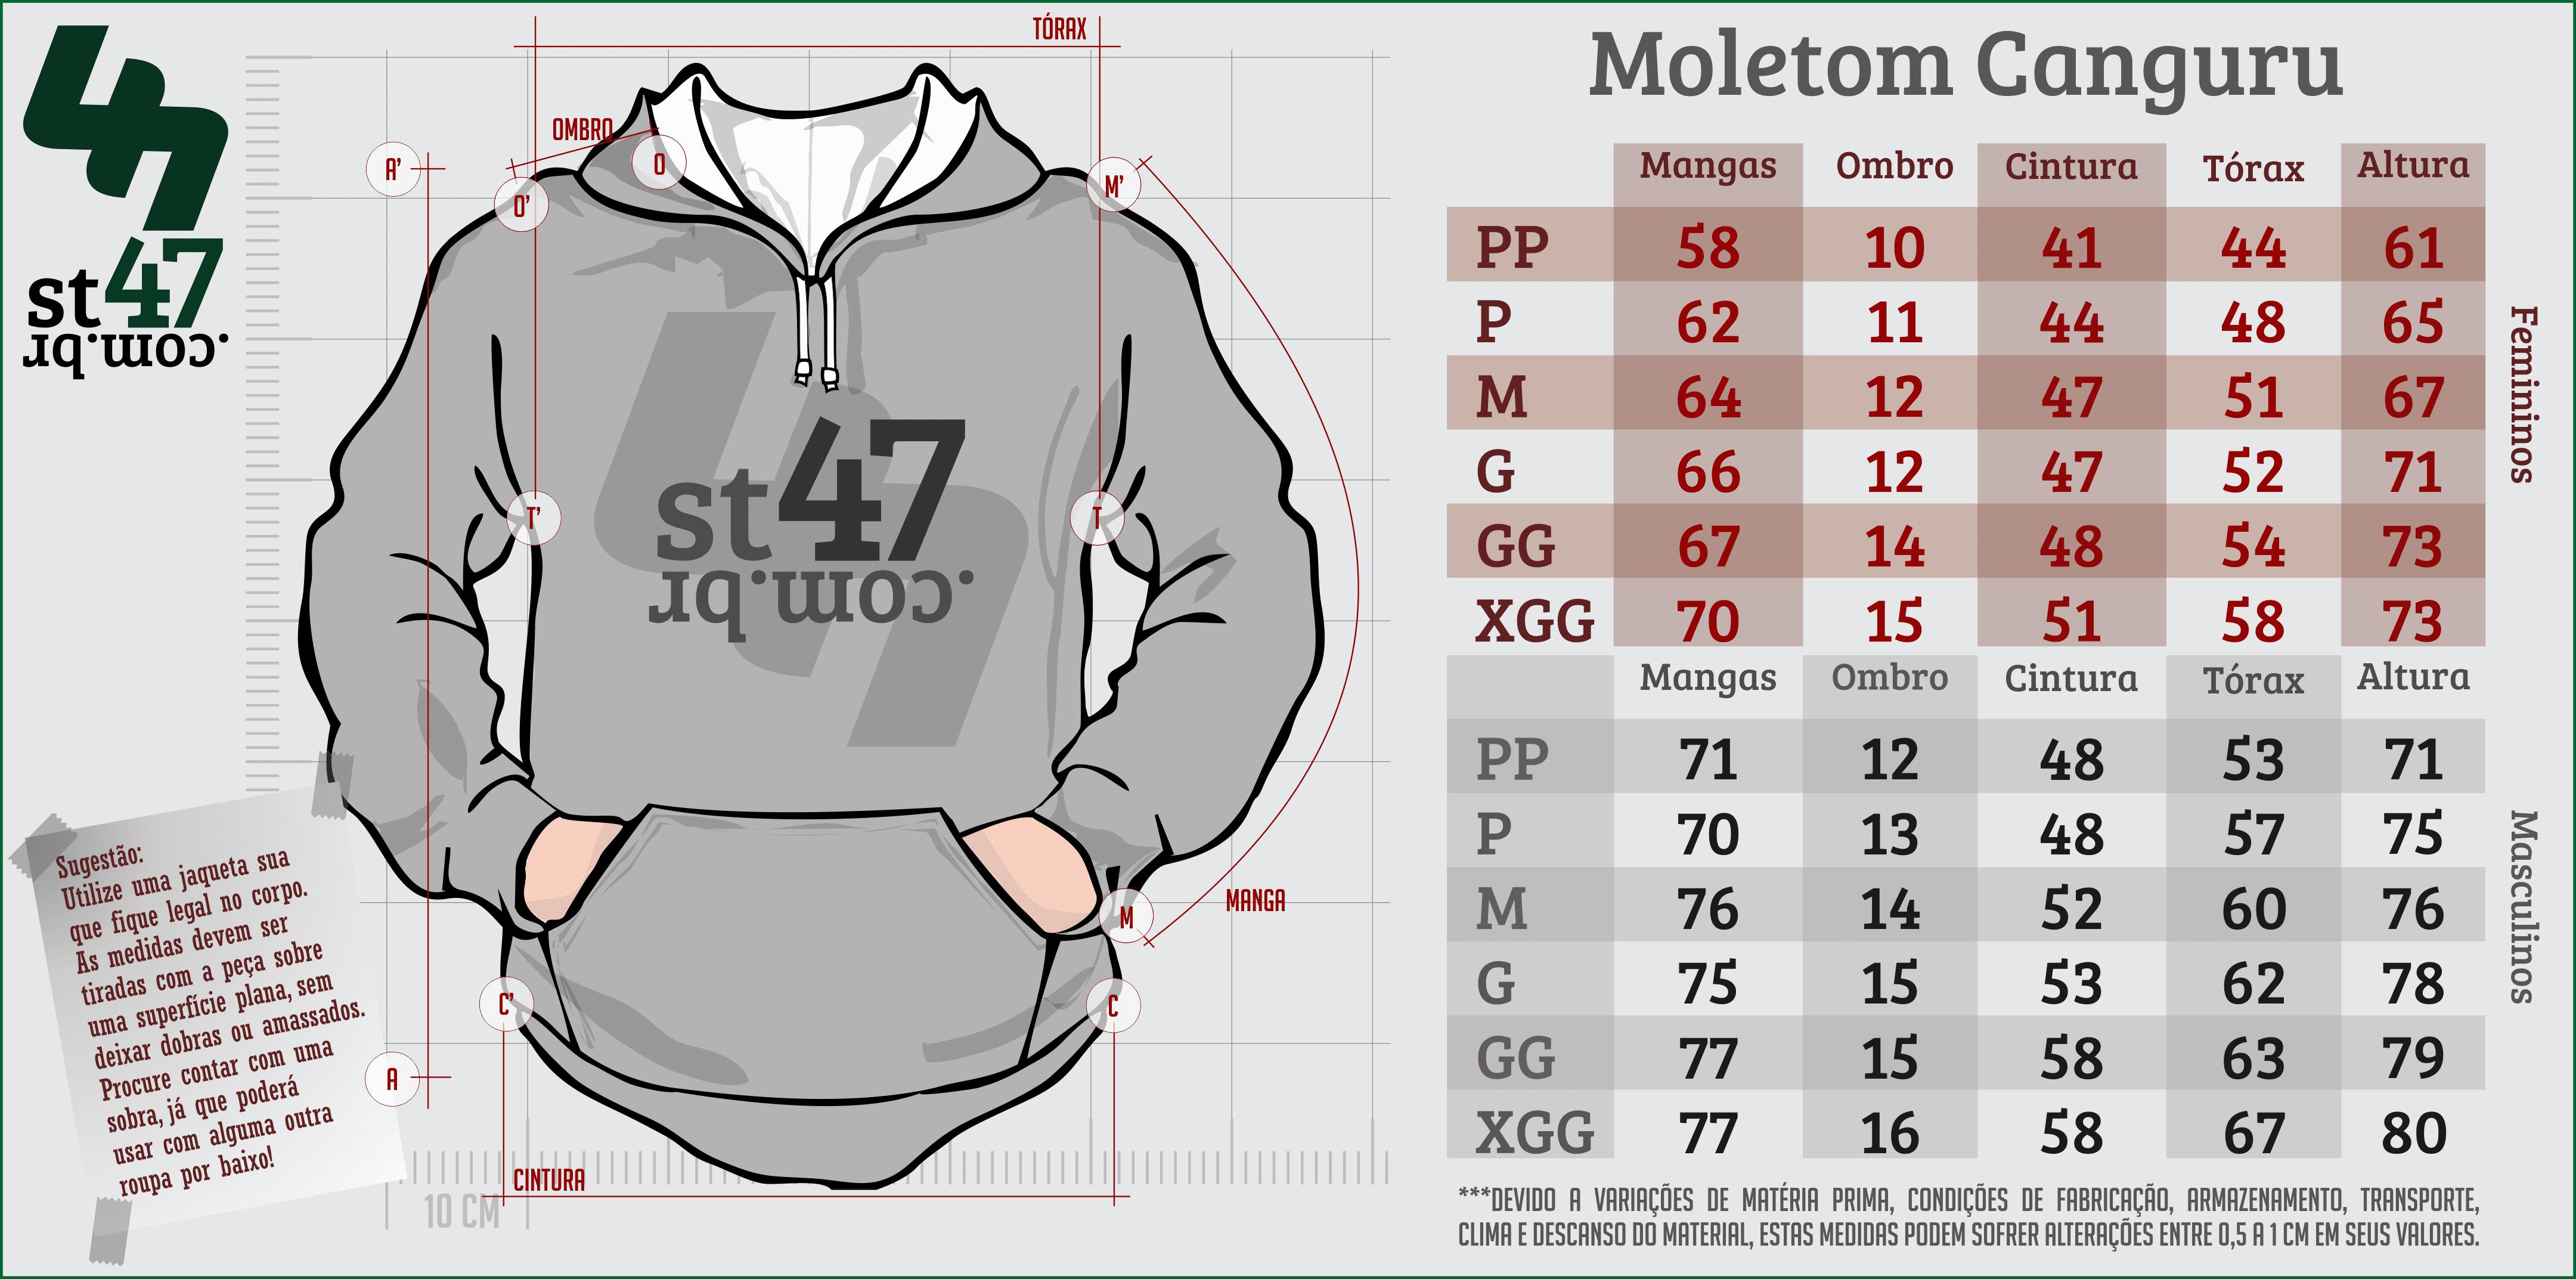 Tabela de tamanhos - Moletom